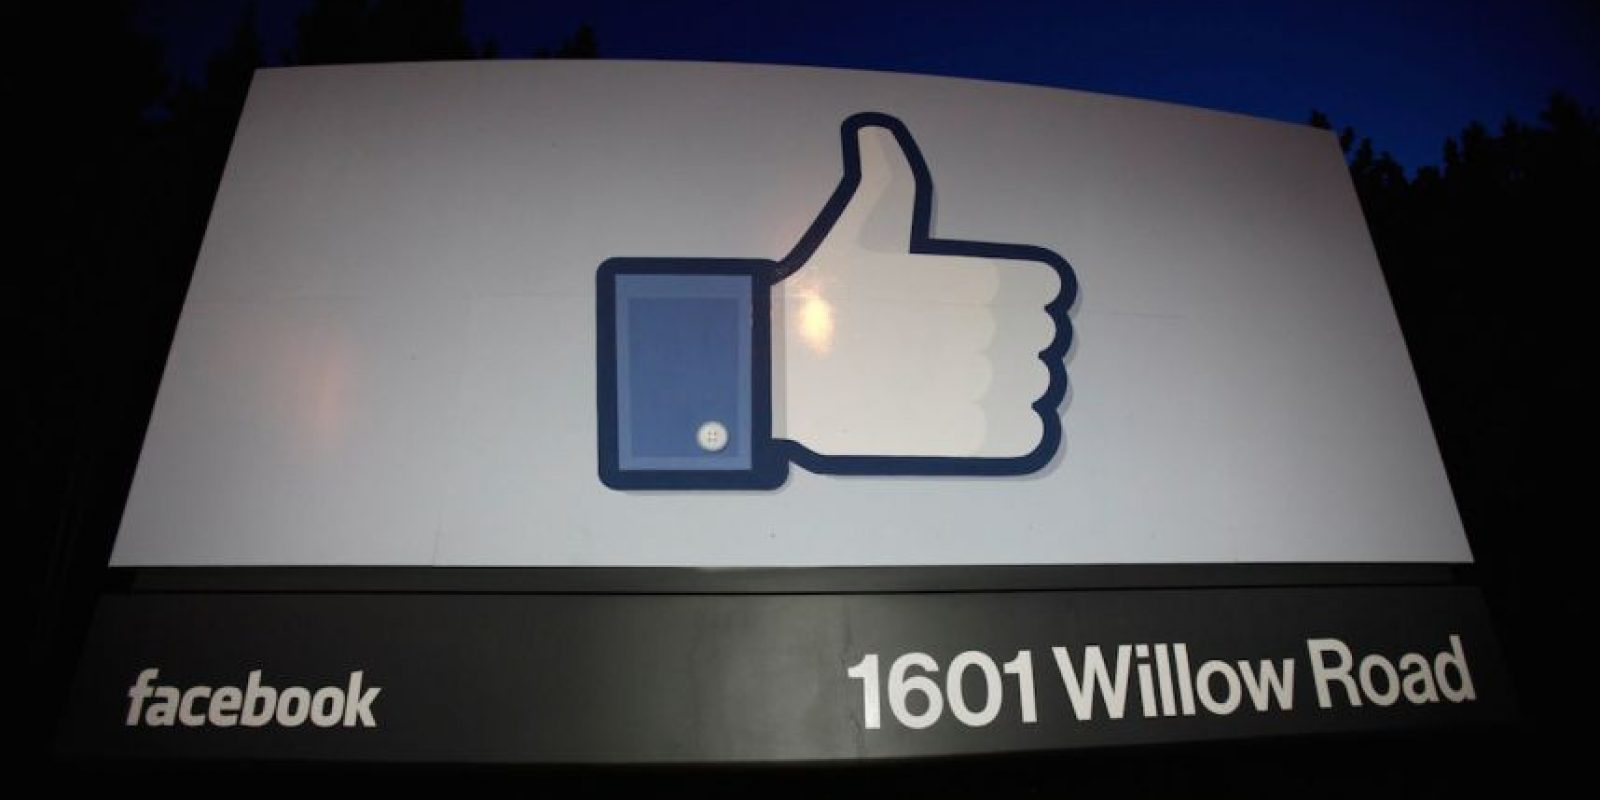 Mark Zuckerberg, de 31 años de edad, es el CEO de Facebook. Foto:vía Tumblr.com